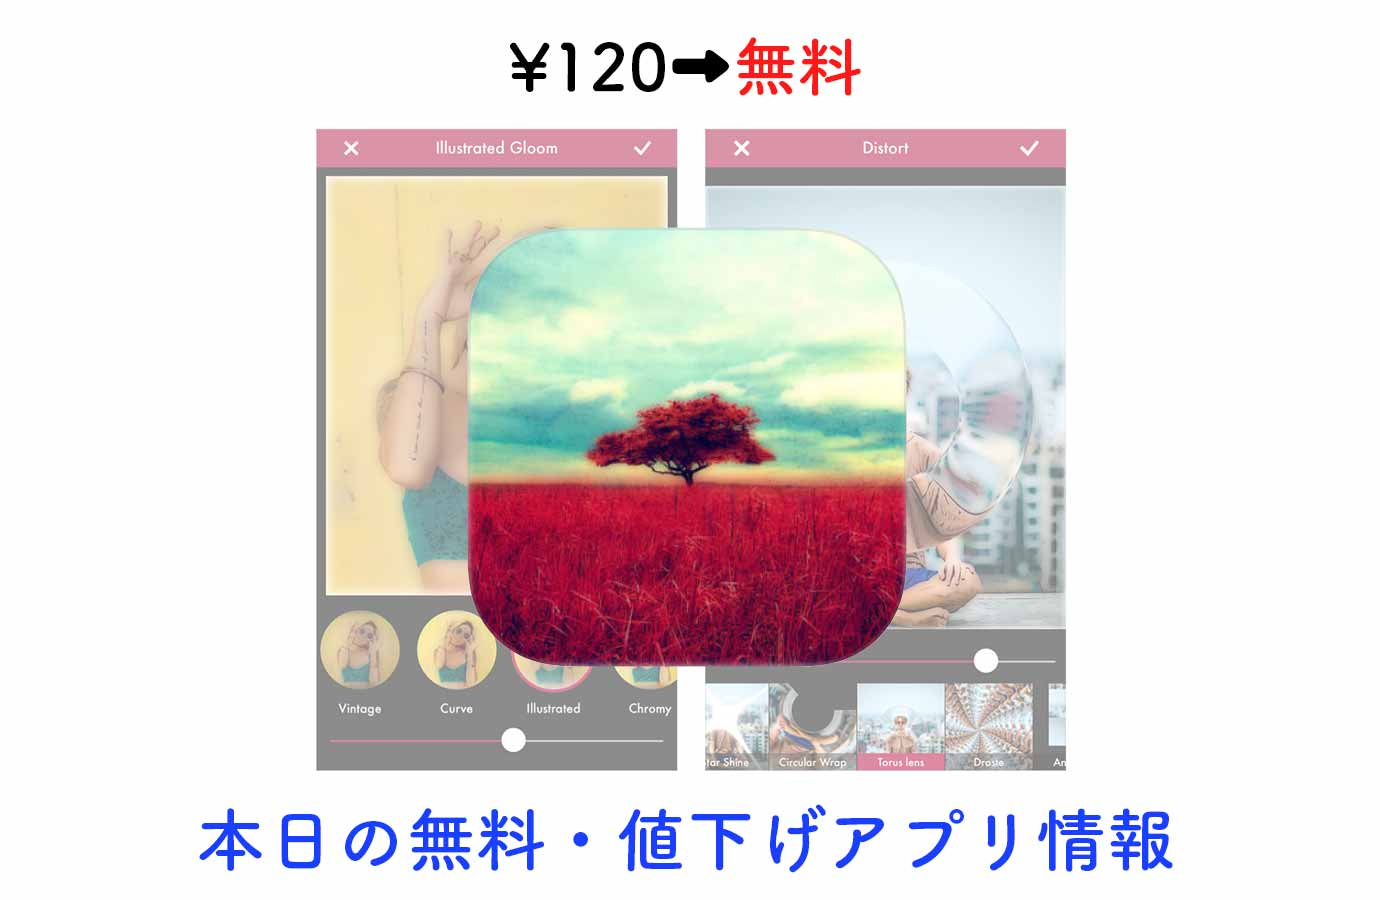 Appstore0727